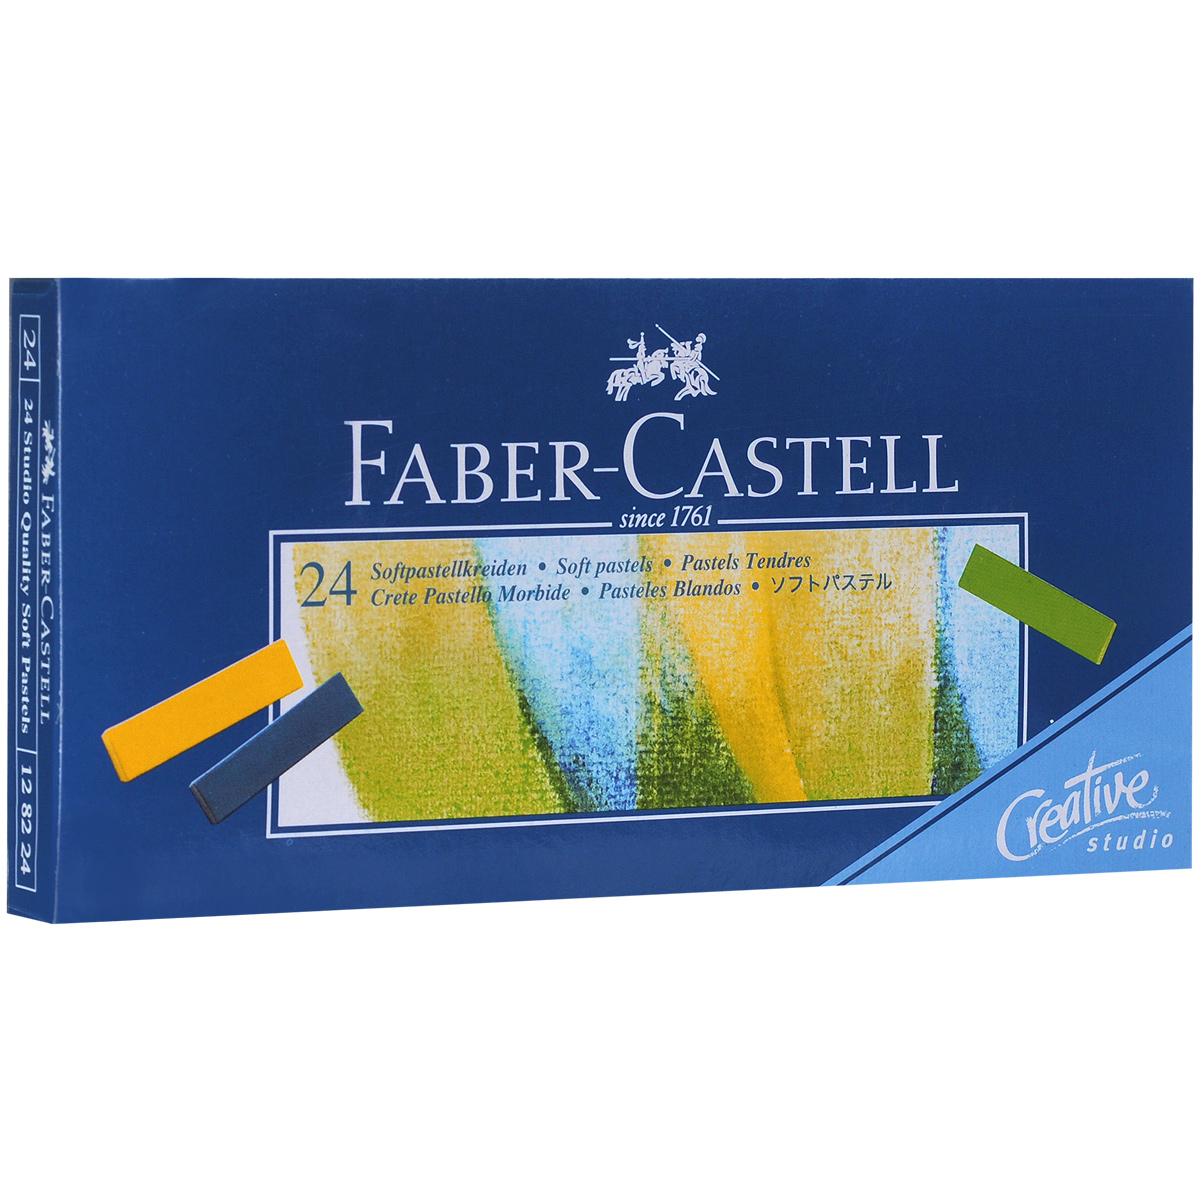 Мягкие мини-мелки Faber-Castell Studio Quality Soft Pastels, 24 шт128224Набор Faber-Castell Studio Quality Soft Pastels содержит мягкие мини-мелки квадратной формы 24 цветов. Мелки великолепного качества не крошатся при работе, обладают отличными кроющими свойствами, обеспечивают хорошее сцепление с поверхностью, яркость и долговечность изображения. Мягкими мелками Faber-Castell Studio Quality Soft Pastels можно рисовать в любой технике, сочетая их с цветными карандашами и красками.